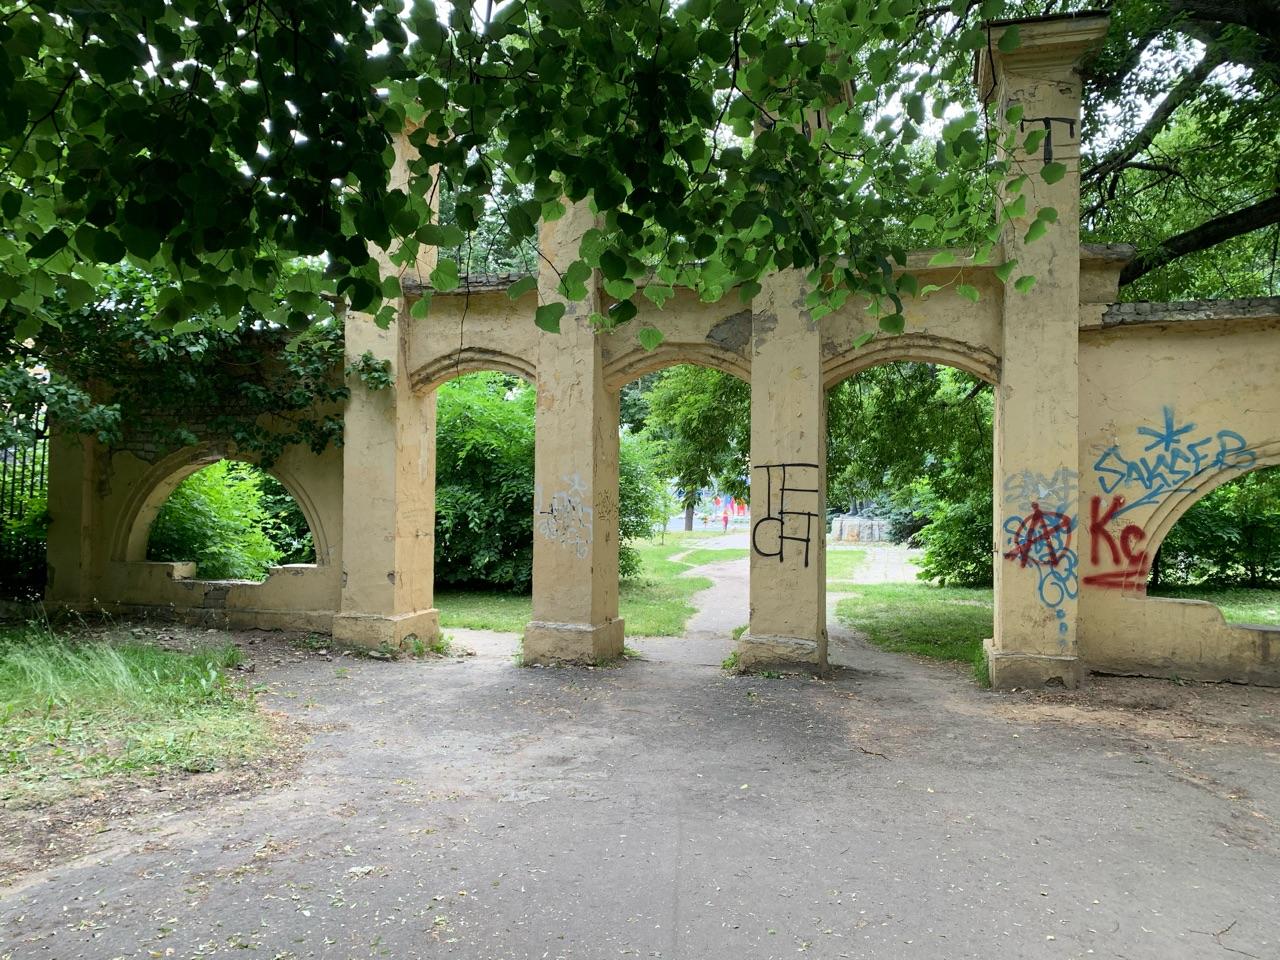 Нижегородский парк «Швейцария» благоустроит ГК «ЕКС» - фото 1